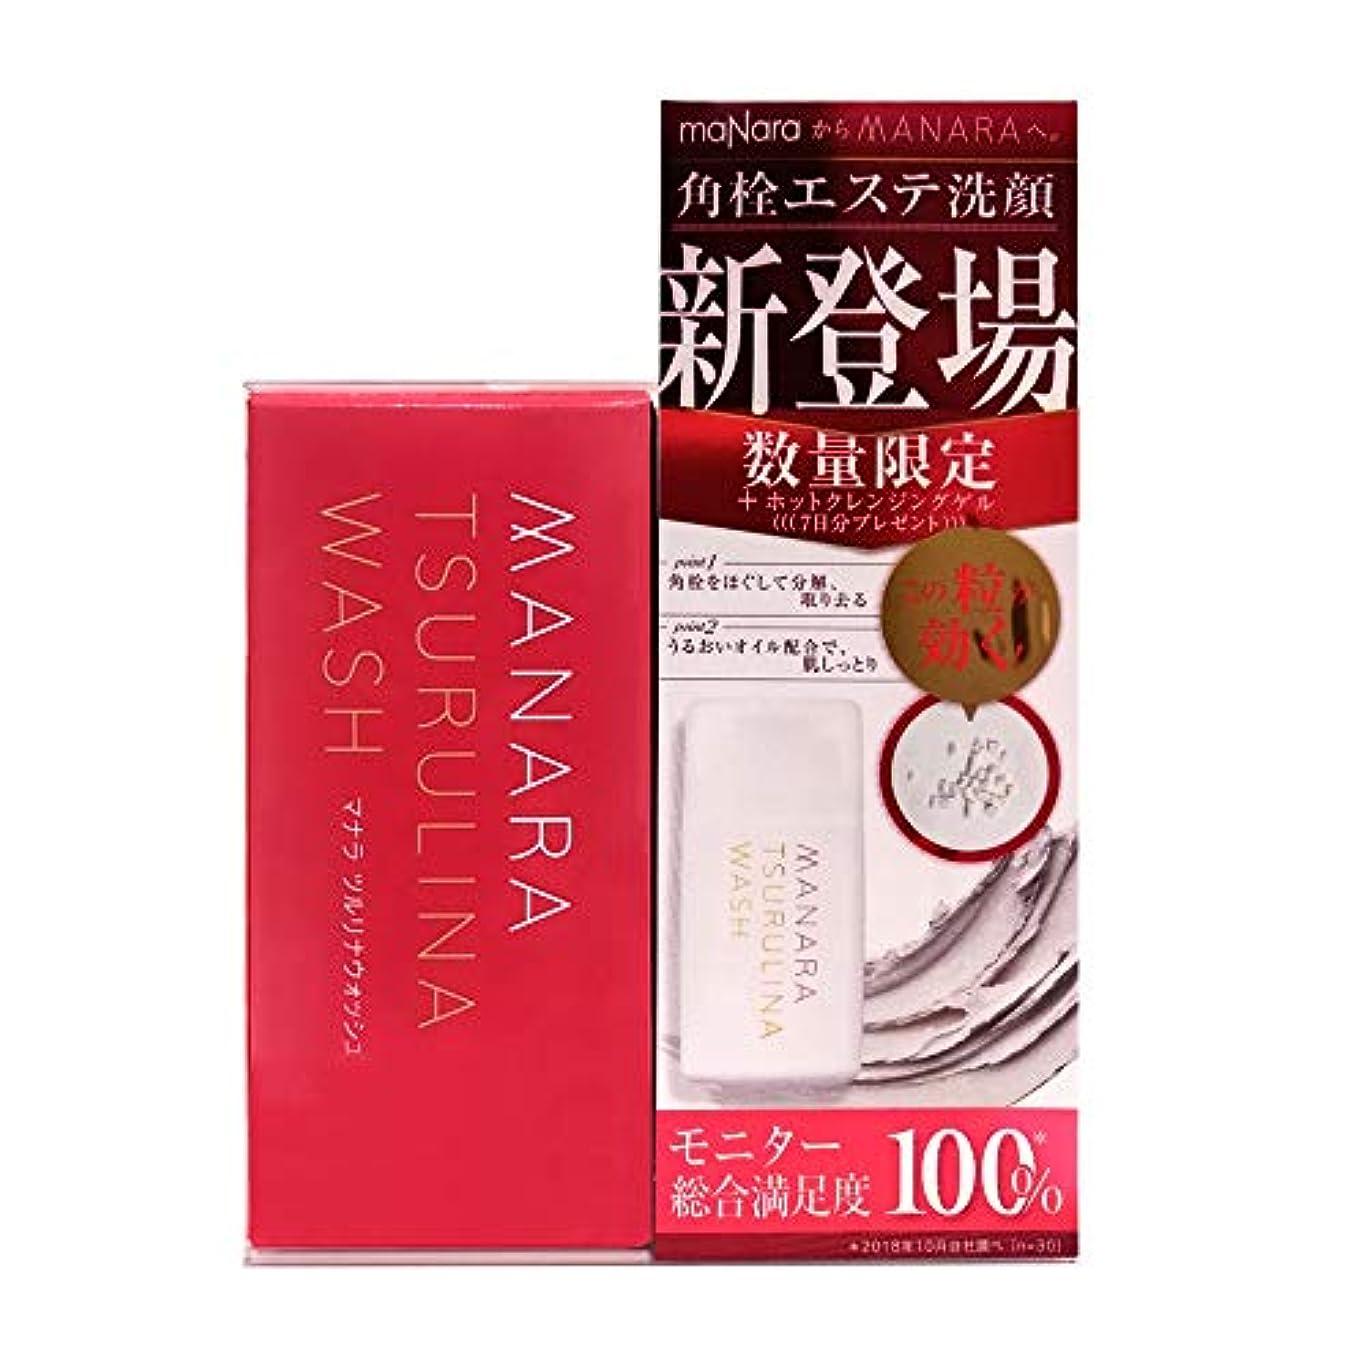 マナラ ツルリナウォッシュ 45g【ホットクレンジングゲルサンプル7包付】